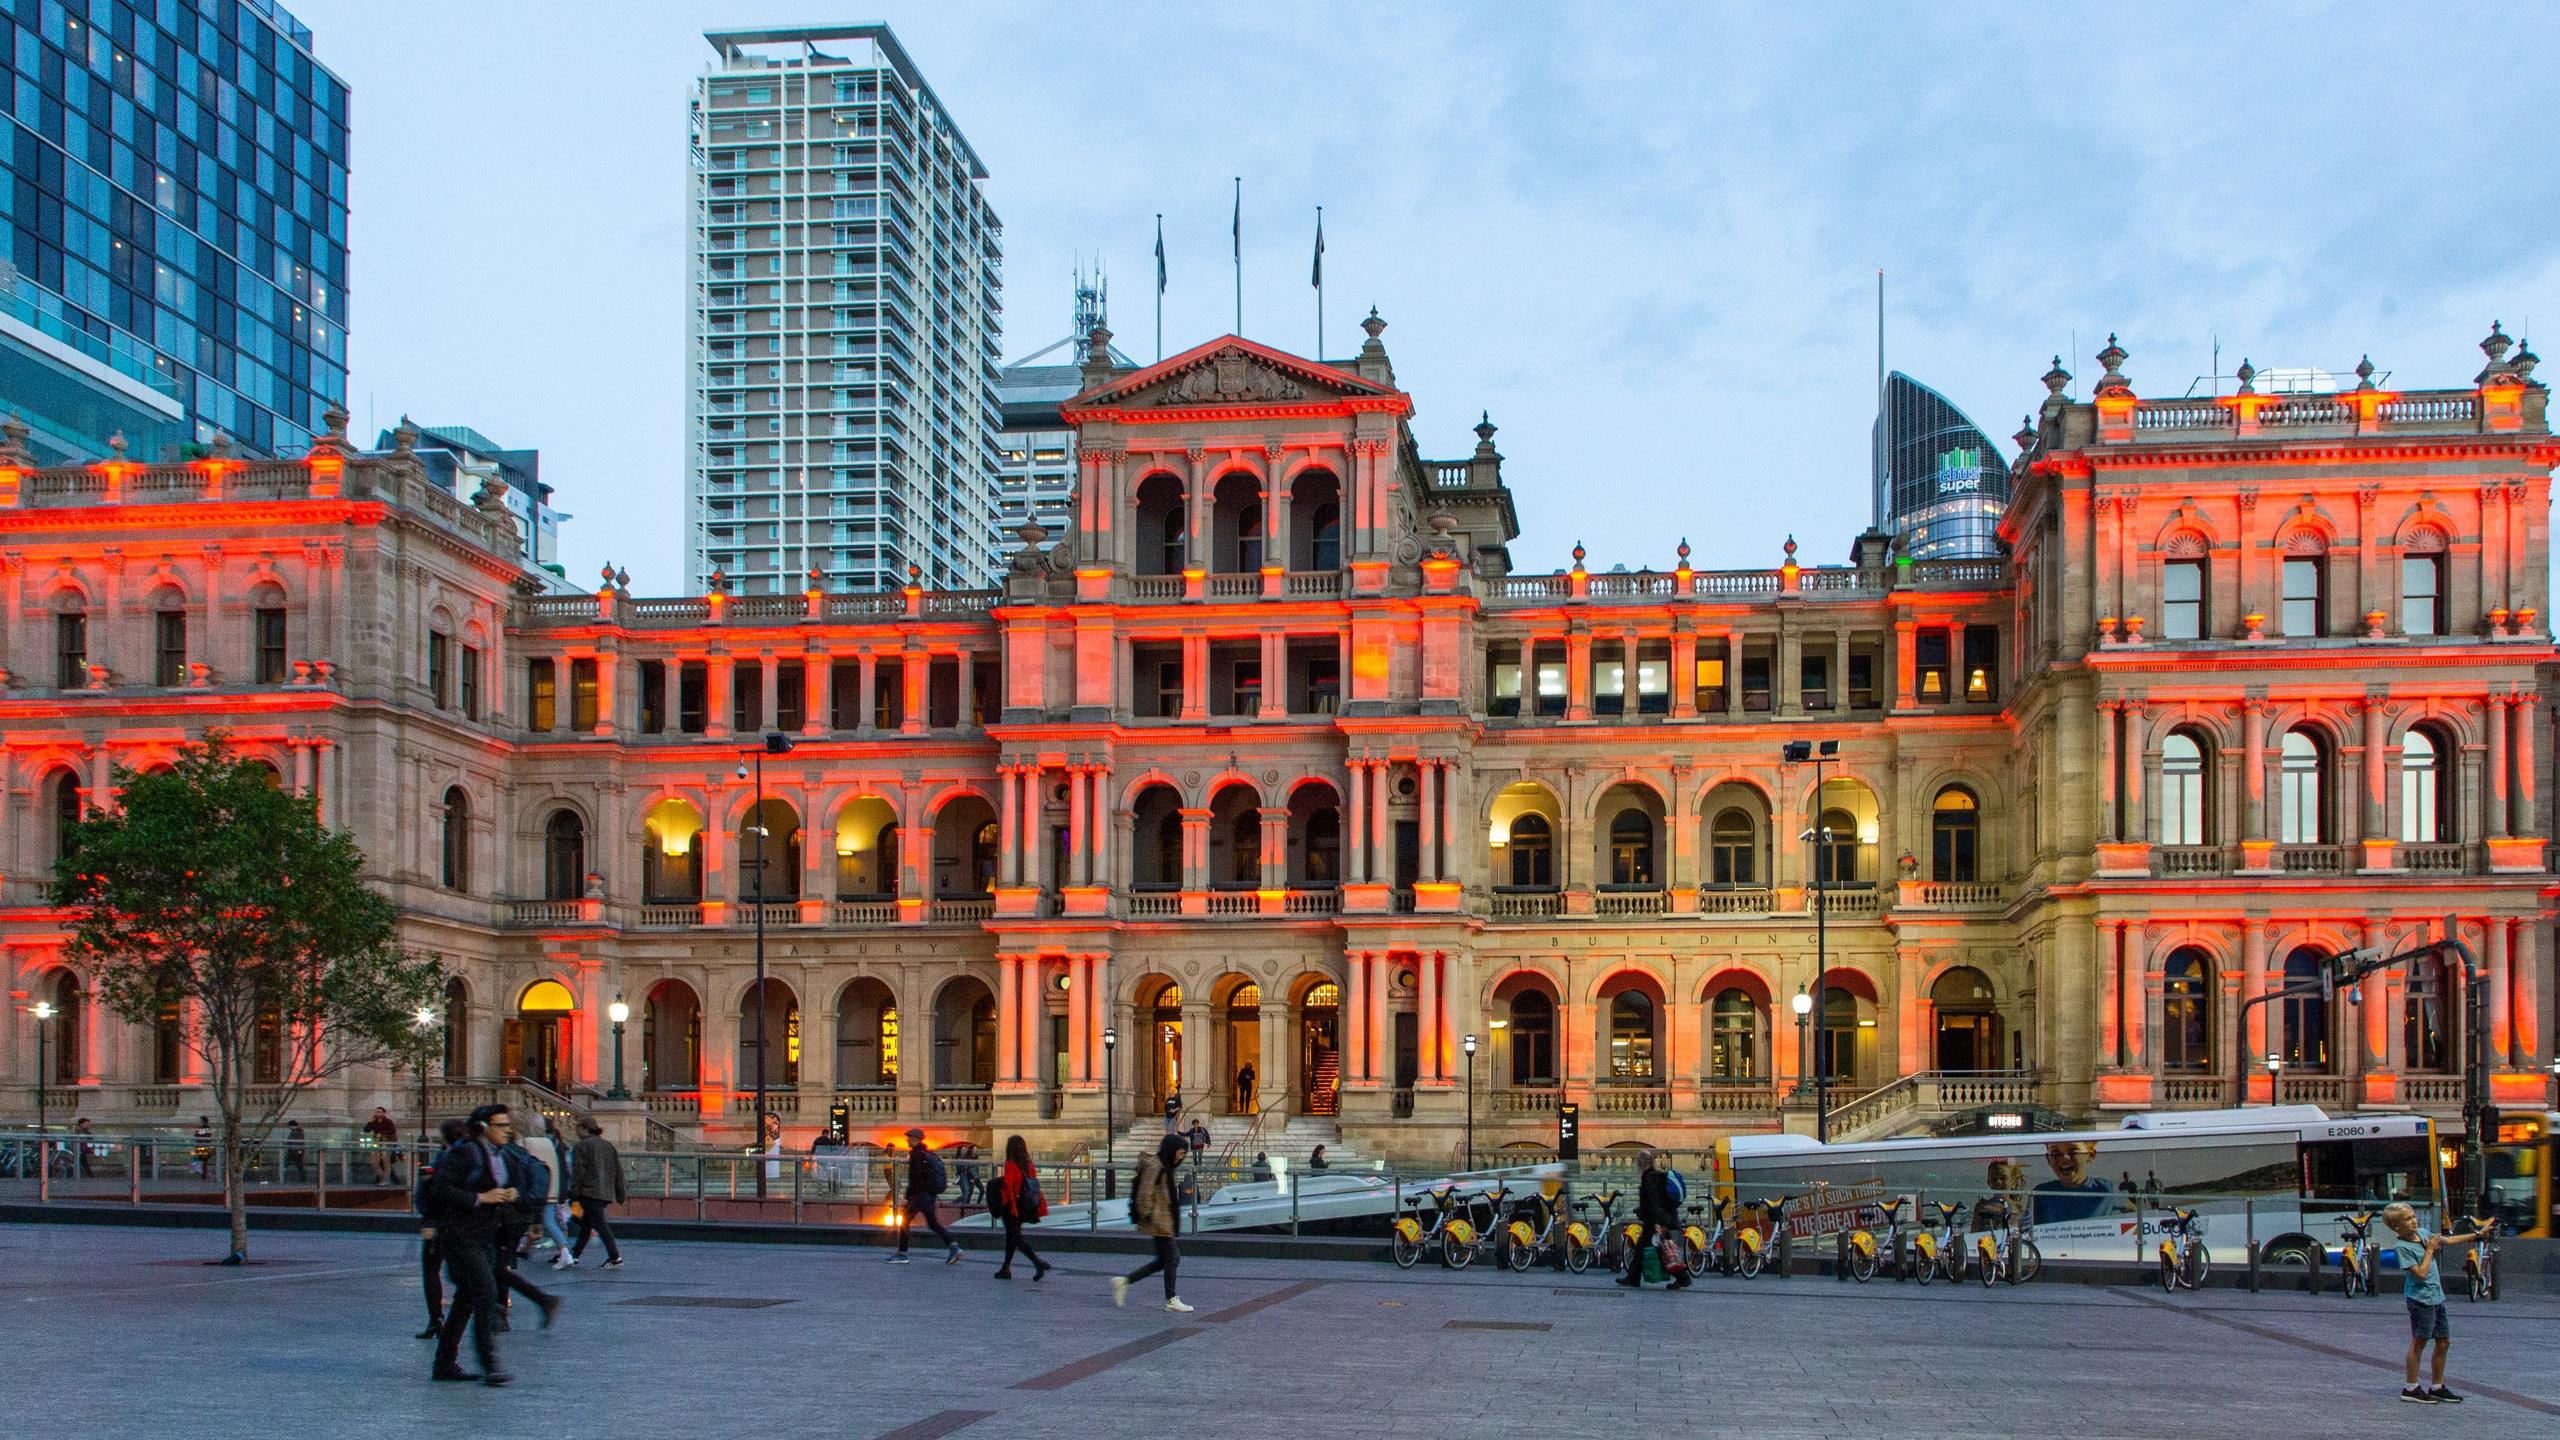 Pröva lyckan på kasinot Treasurycasinot under besöket i Brisbane. Promenera i trädgårdarna eller besök butikerna i detta kulturspäckade område.